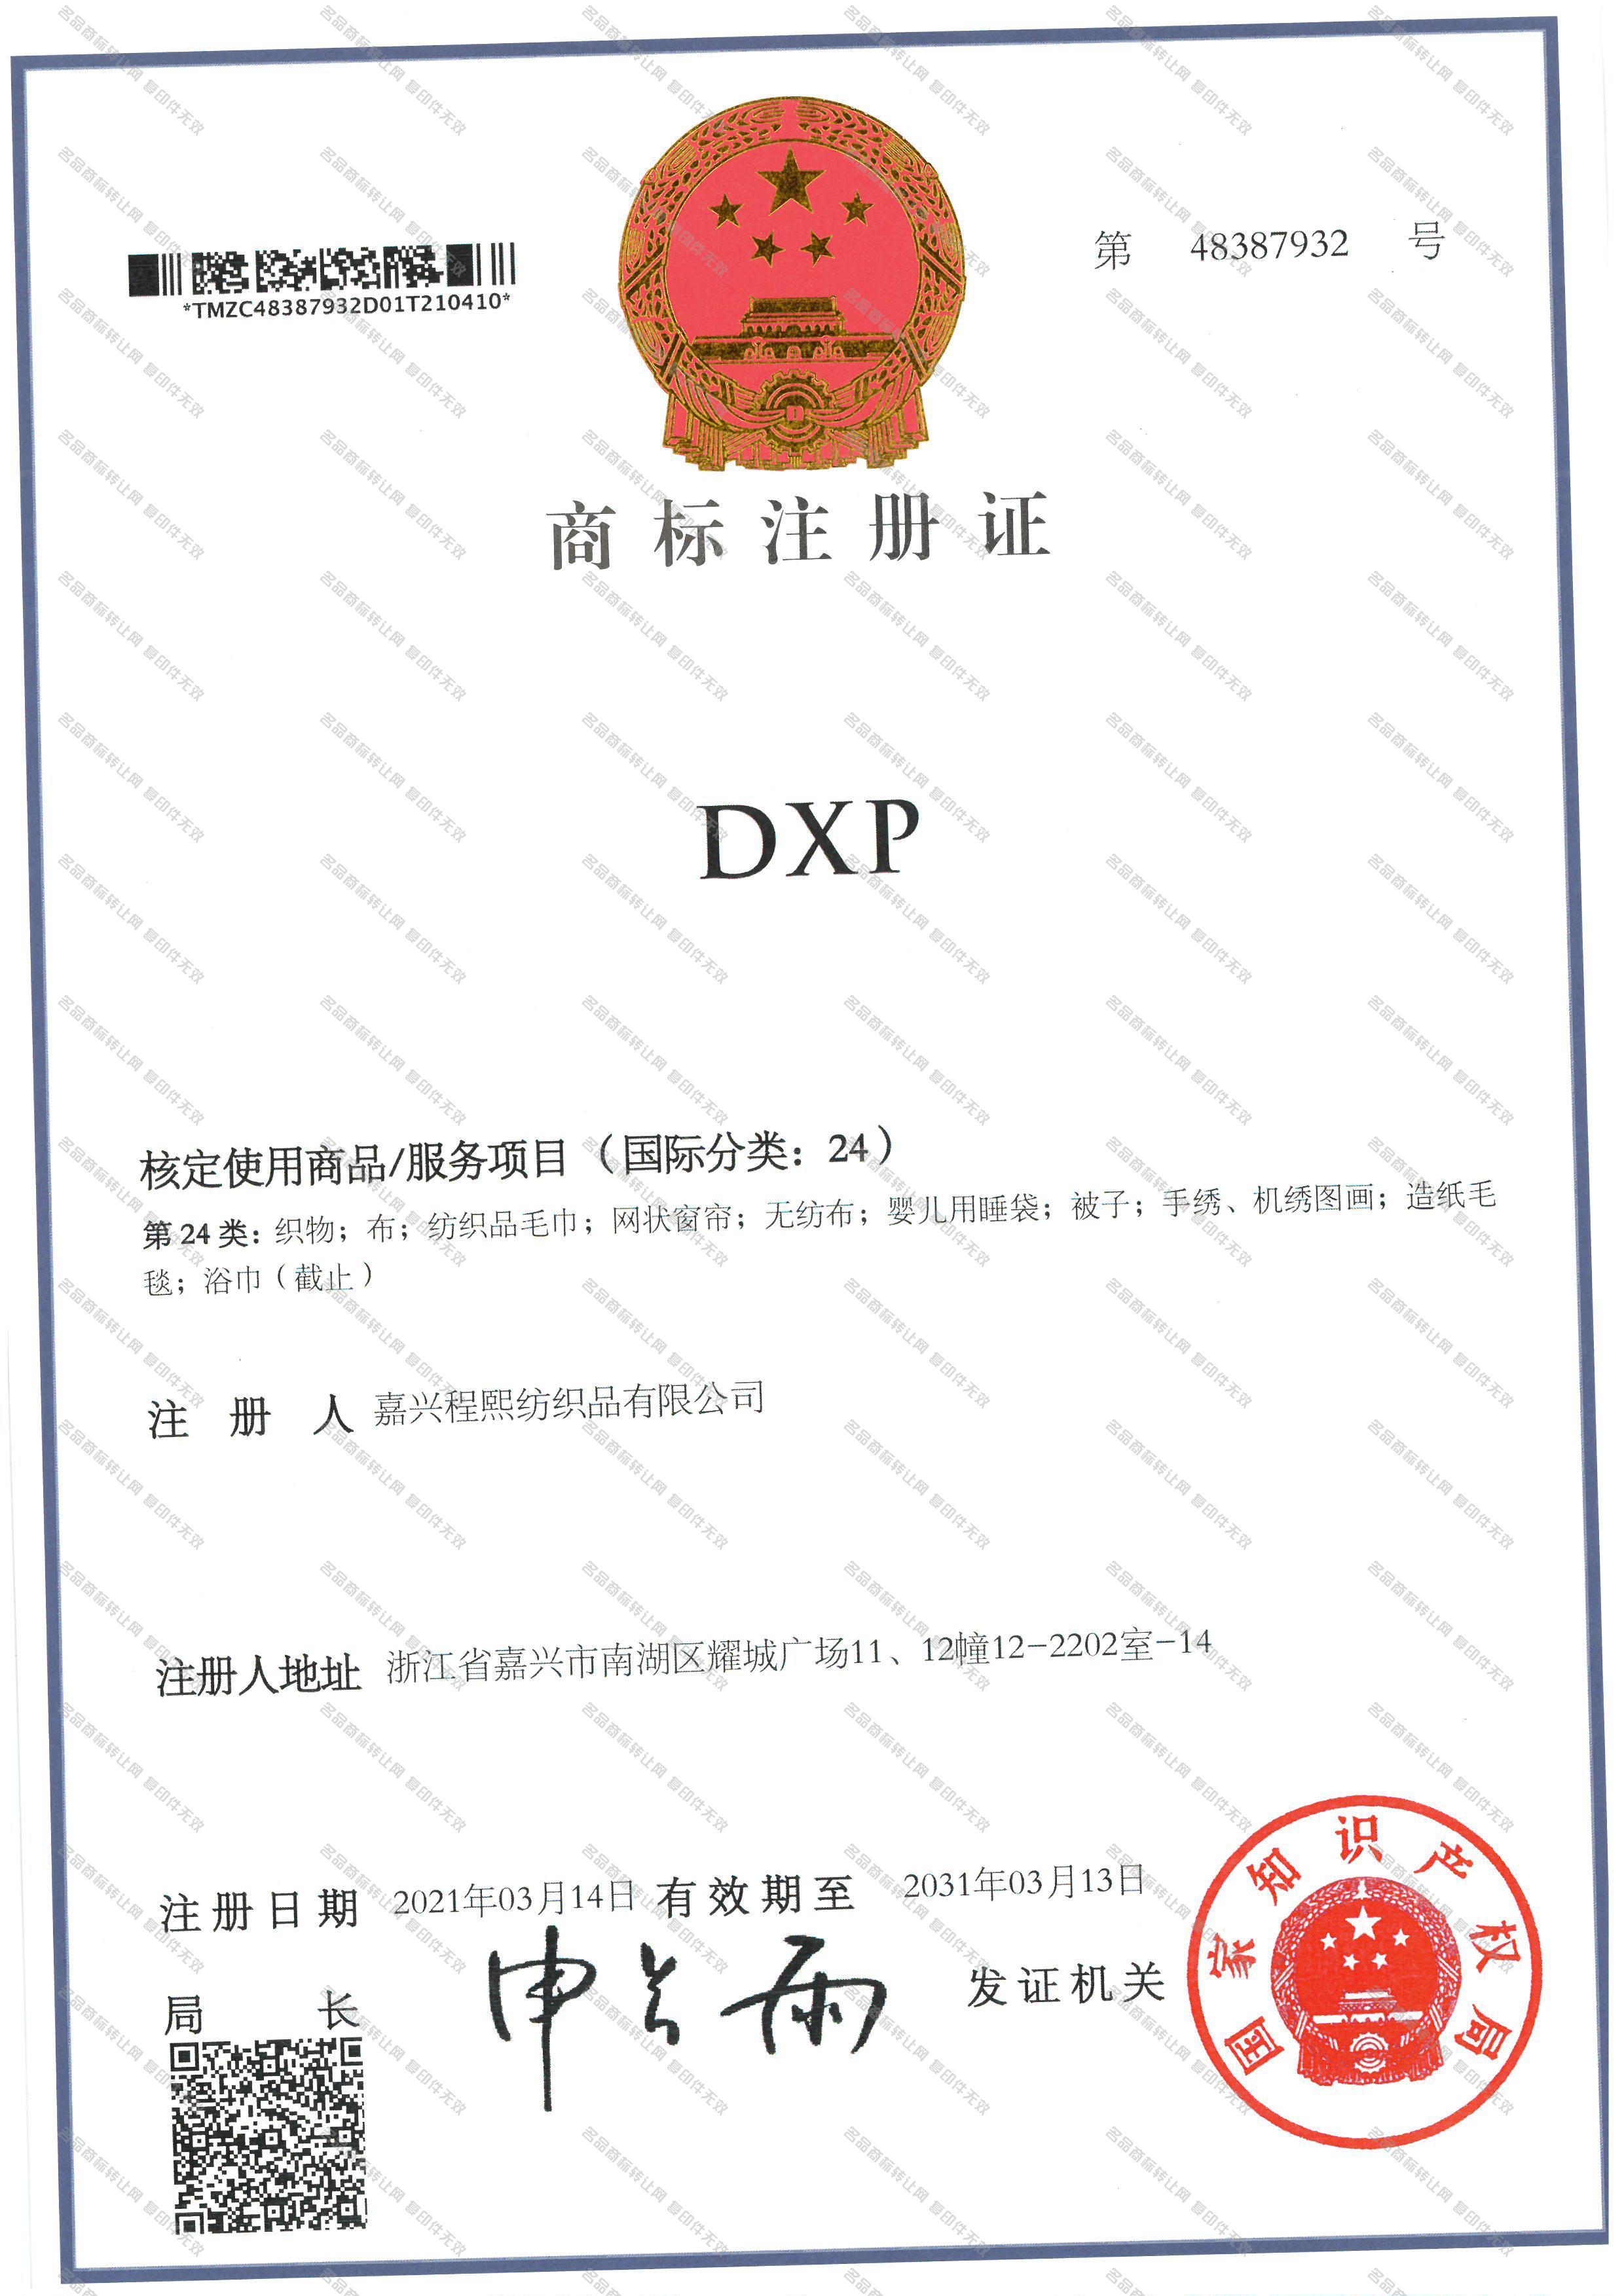 DXP注册证